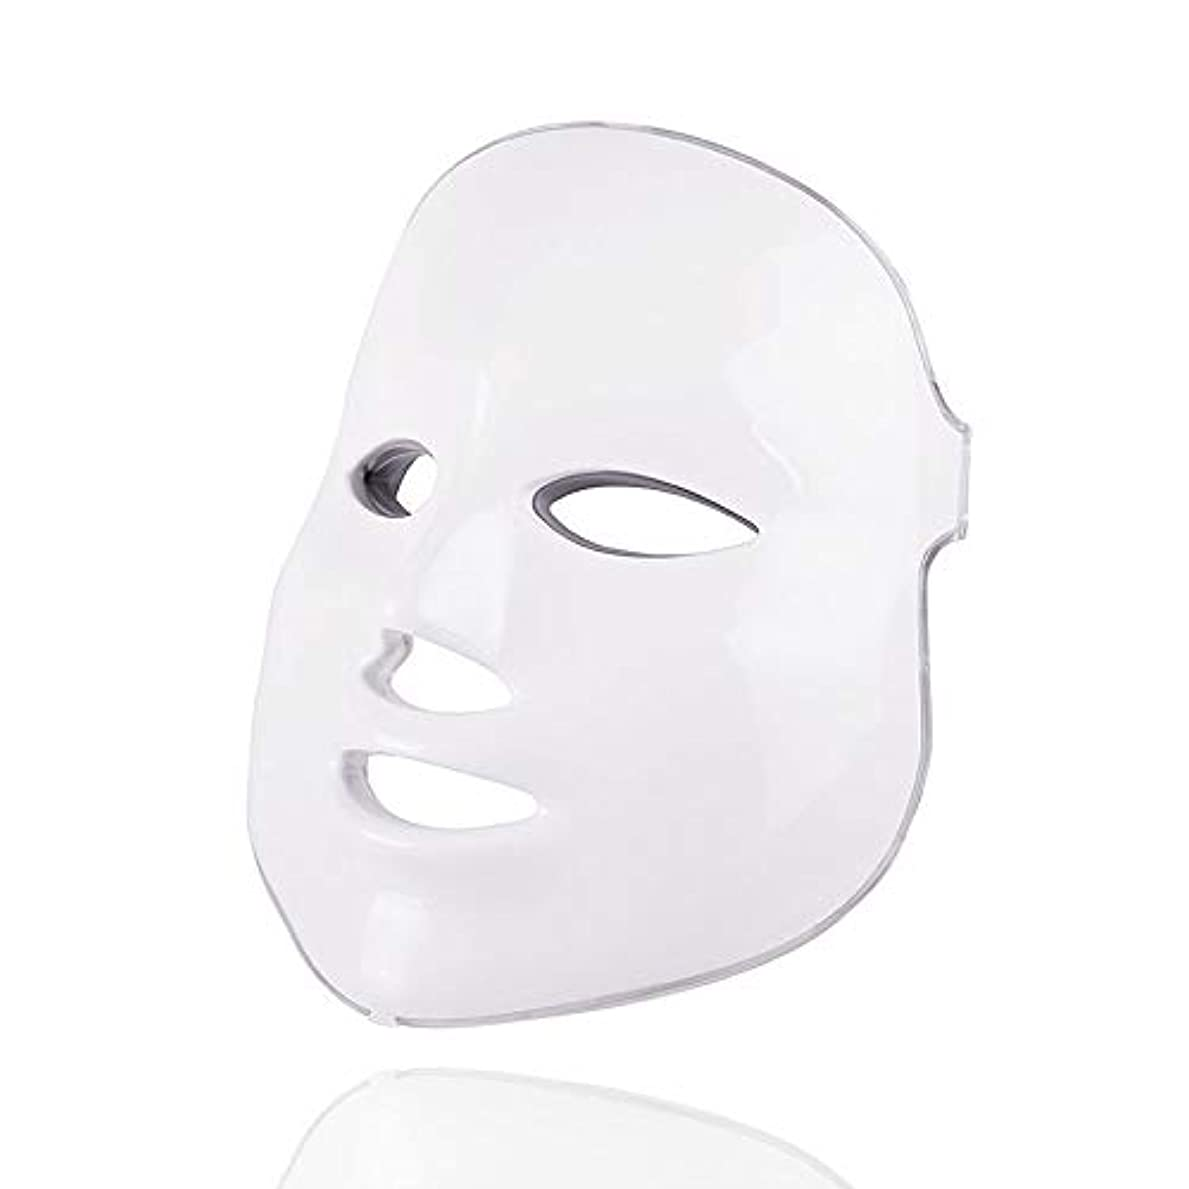 フロント消費不器用7色美容療法光子、ledフェイシャルマスクライトスキンケア若返りしわにきび除去顔美容スパ楽器